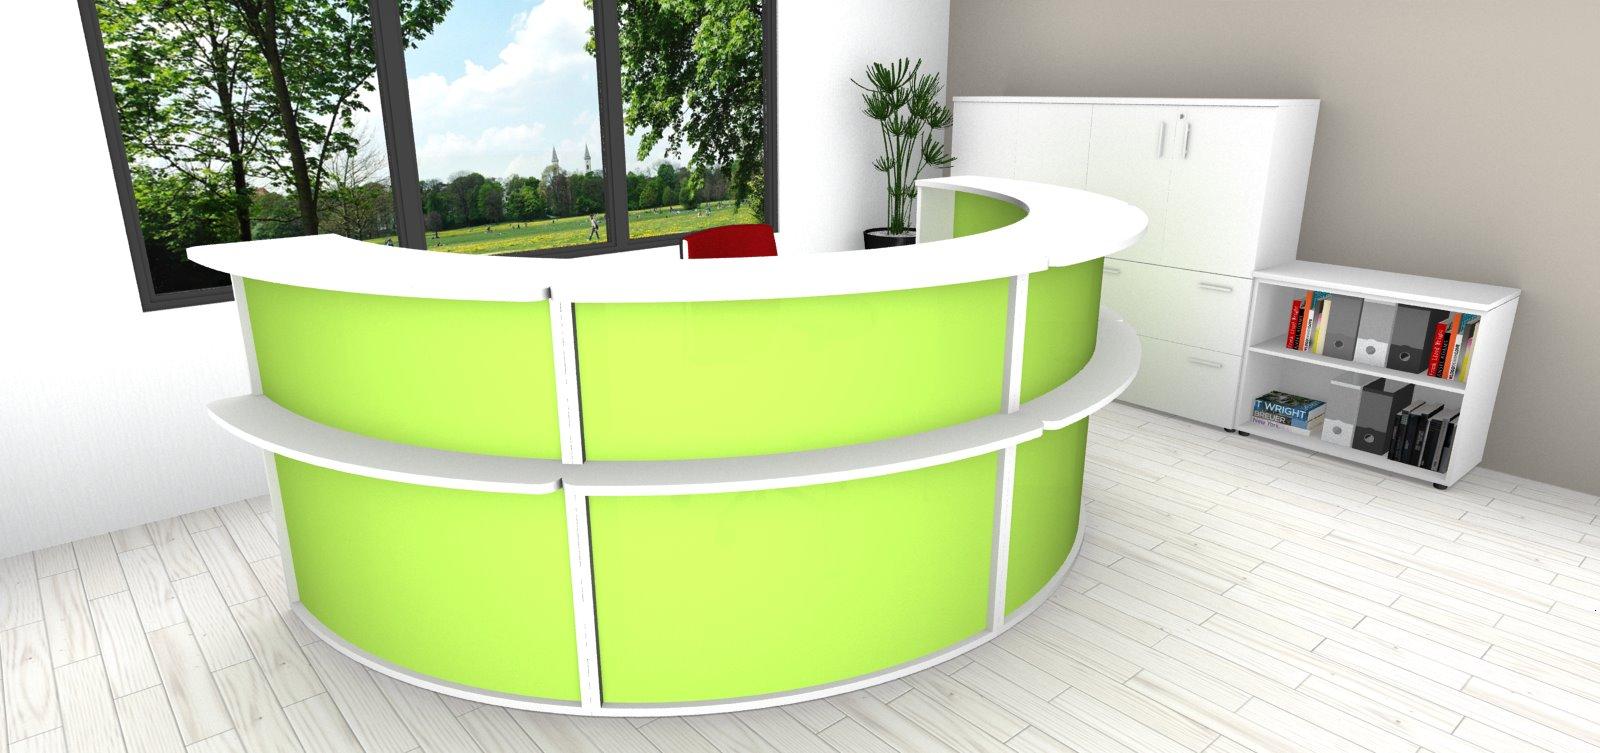 20161006 monsieur bureau 11 attitudes bureaux. Black Bedroom Furniture Sets. Home Design Ideas